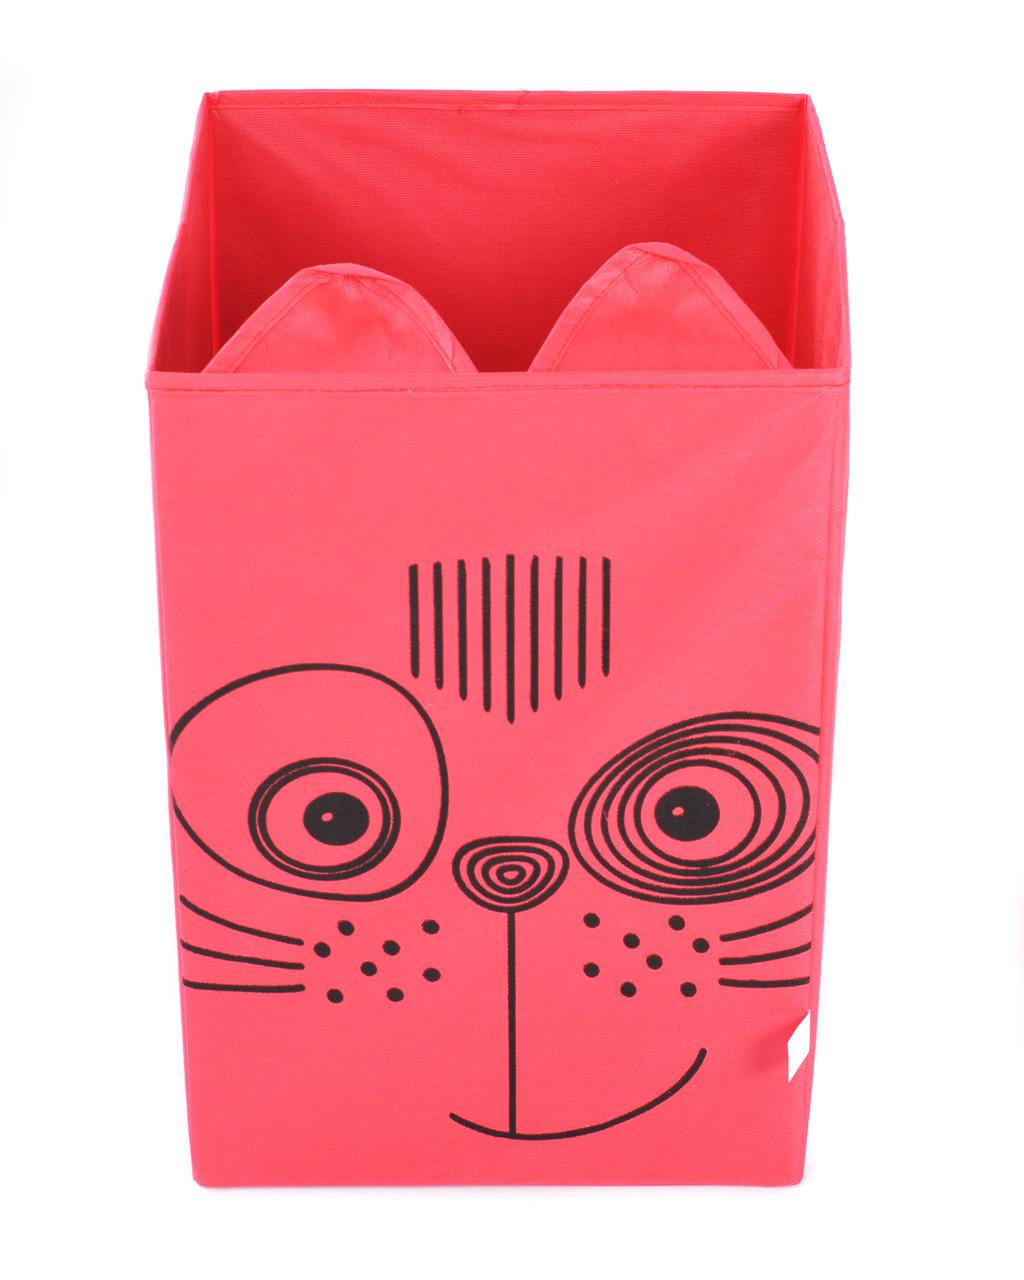 Ящик для зберігання іграшок, 35*35*55 см, Зоопарк Кіт (без кришки)